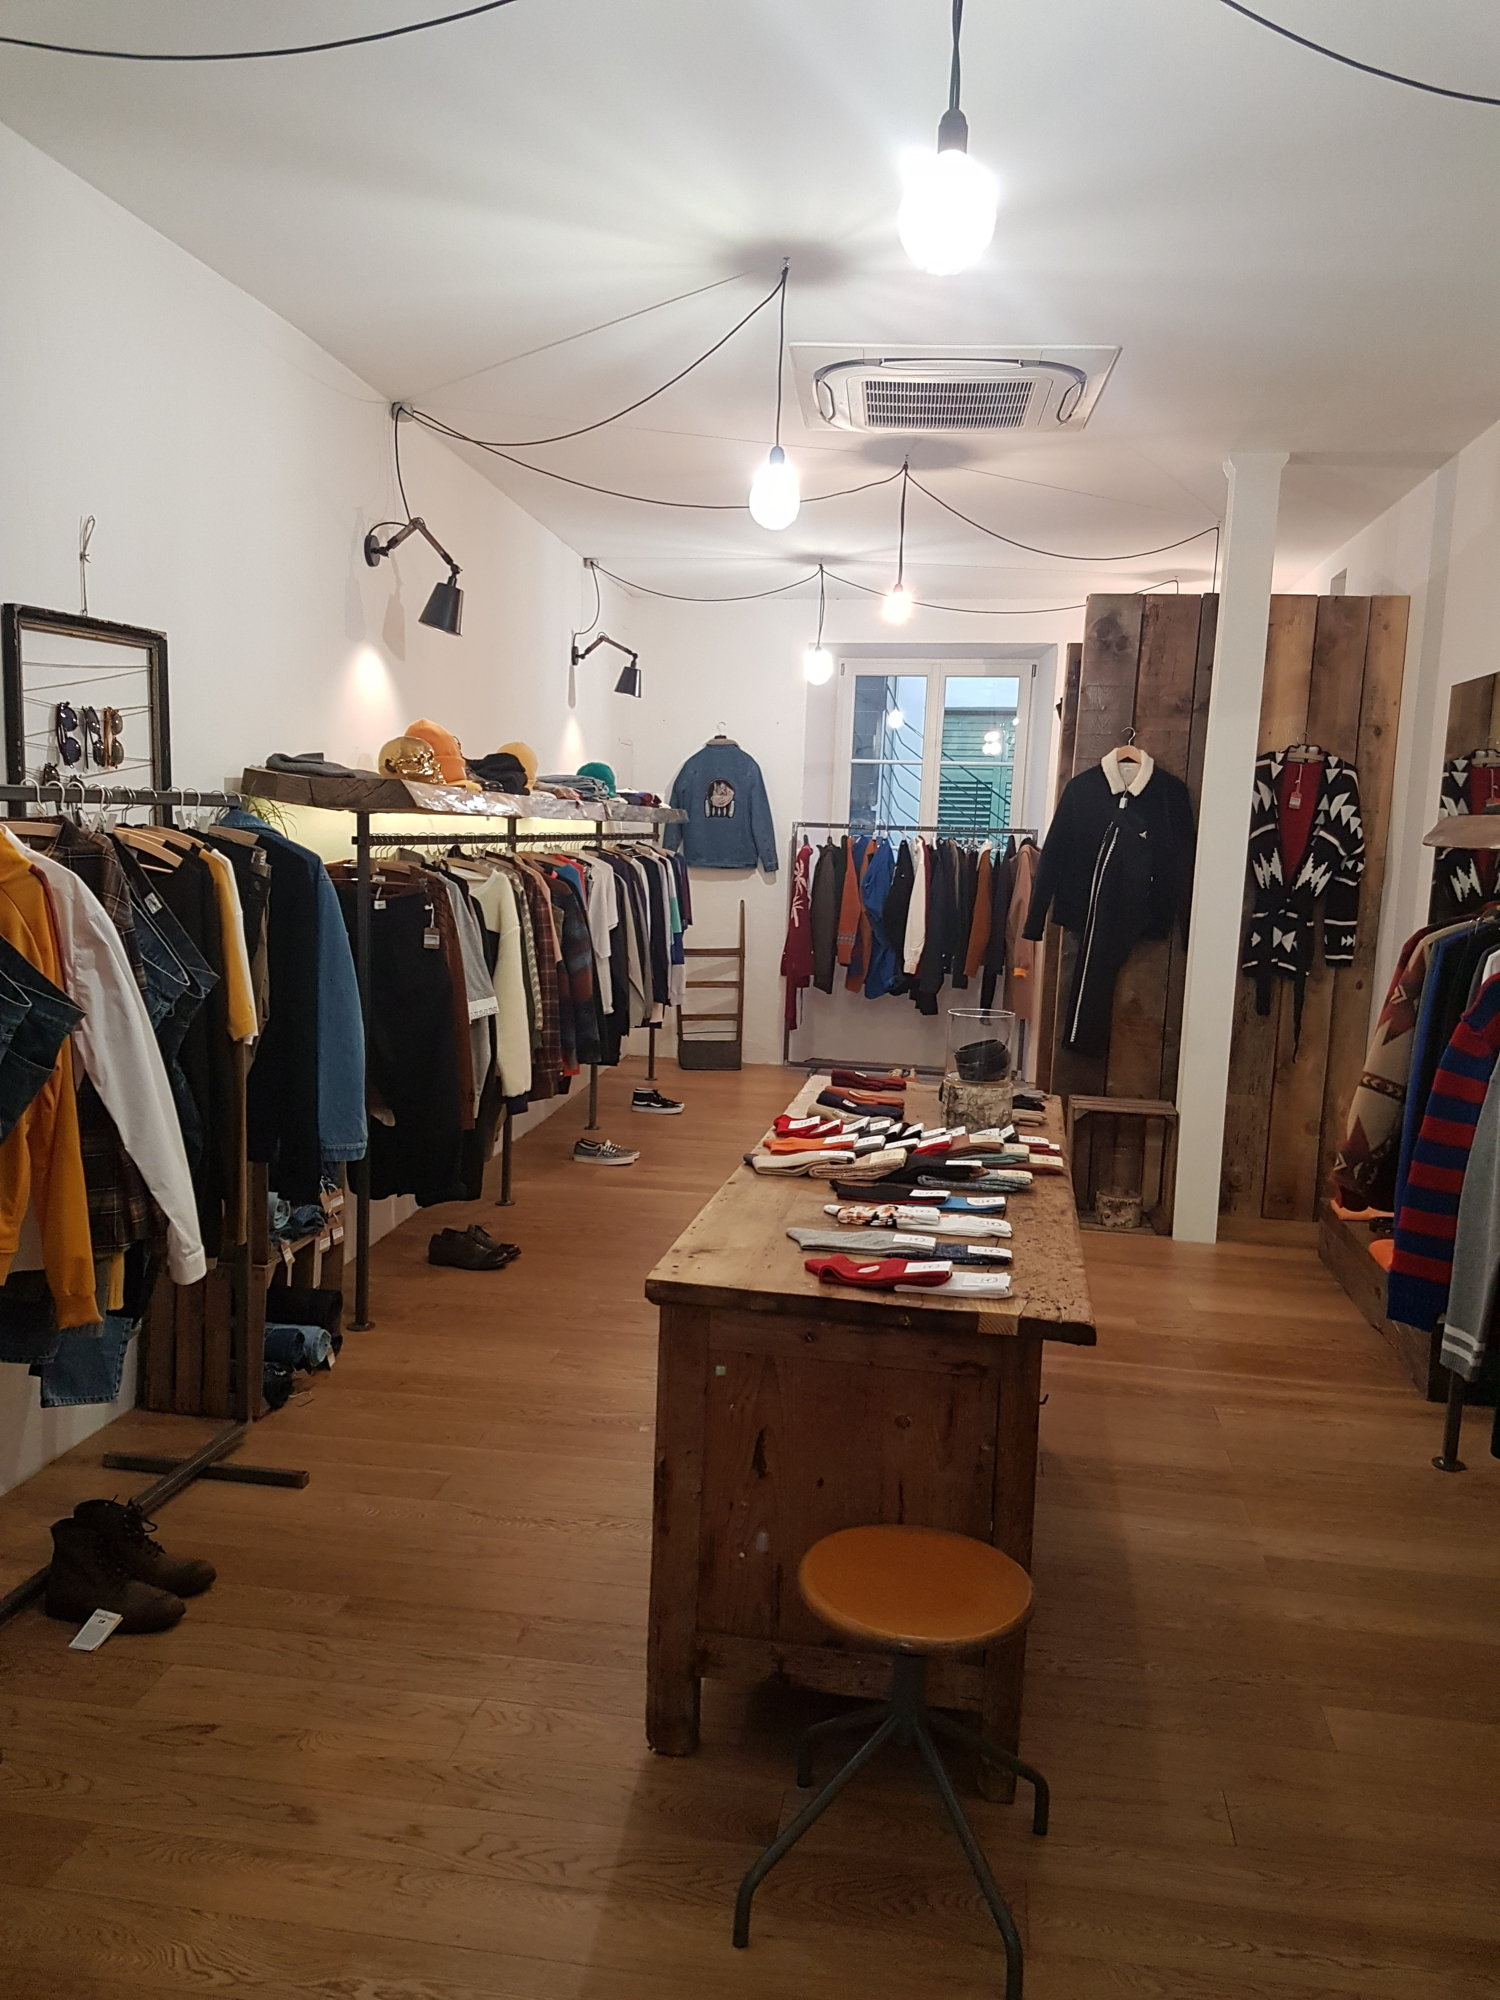 Verkaufsraum_vano negozio